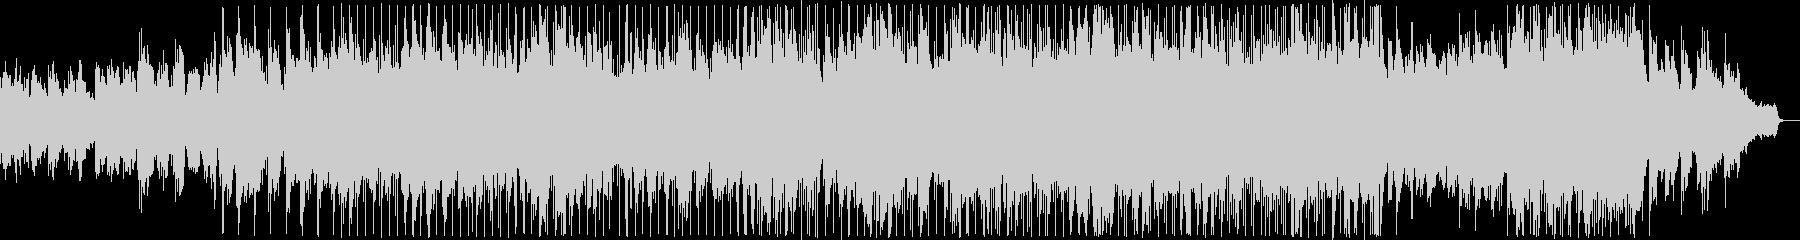 優しい雰囲気のバラード7の未再生の波形